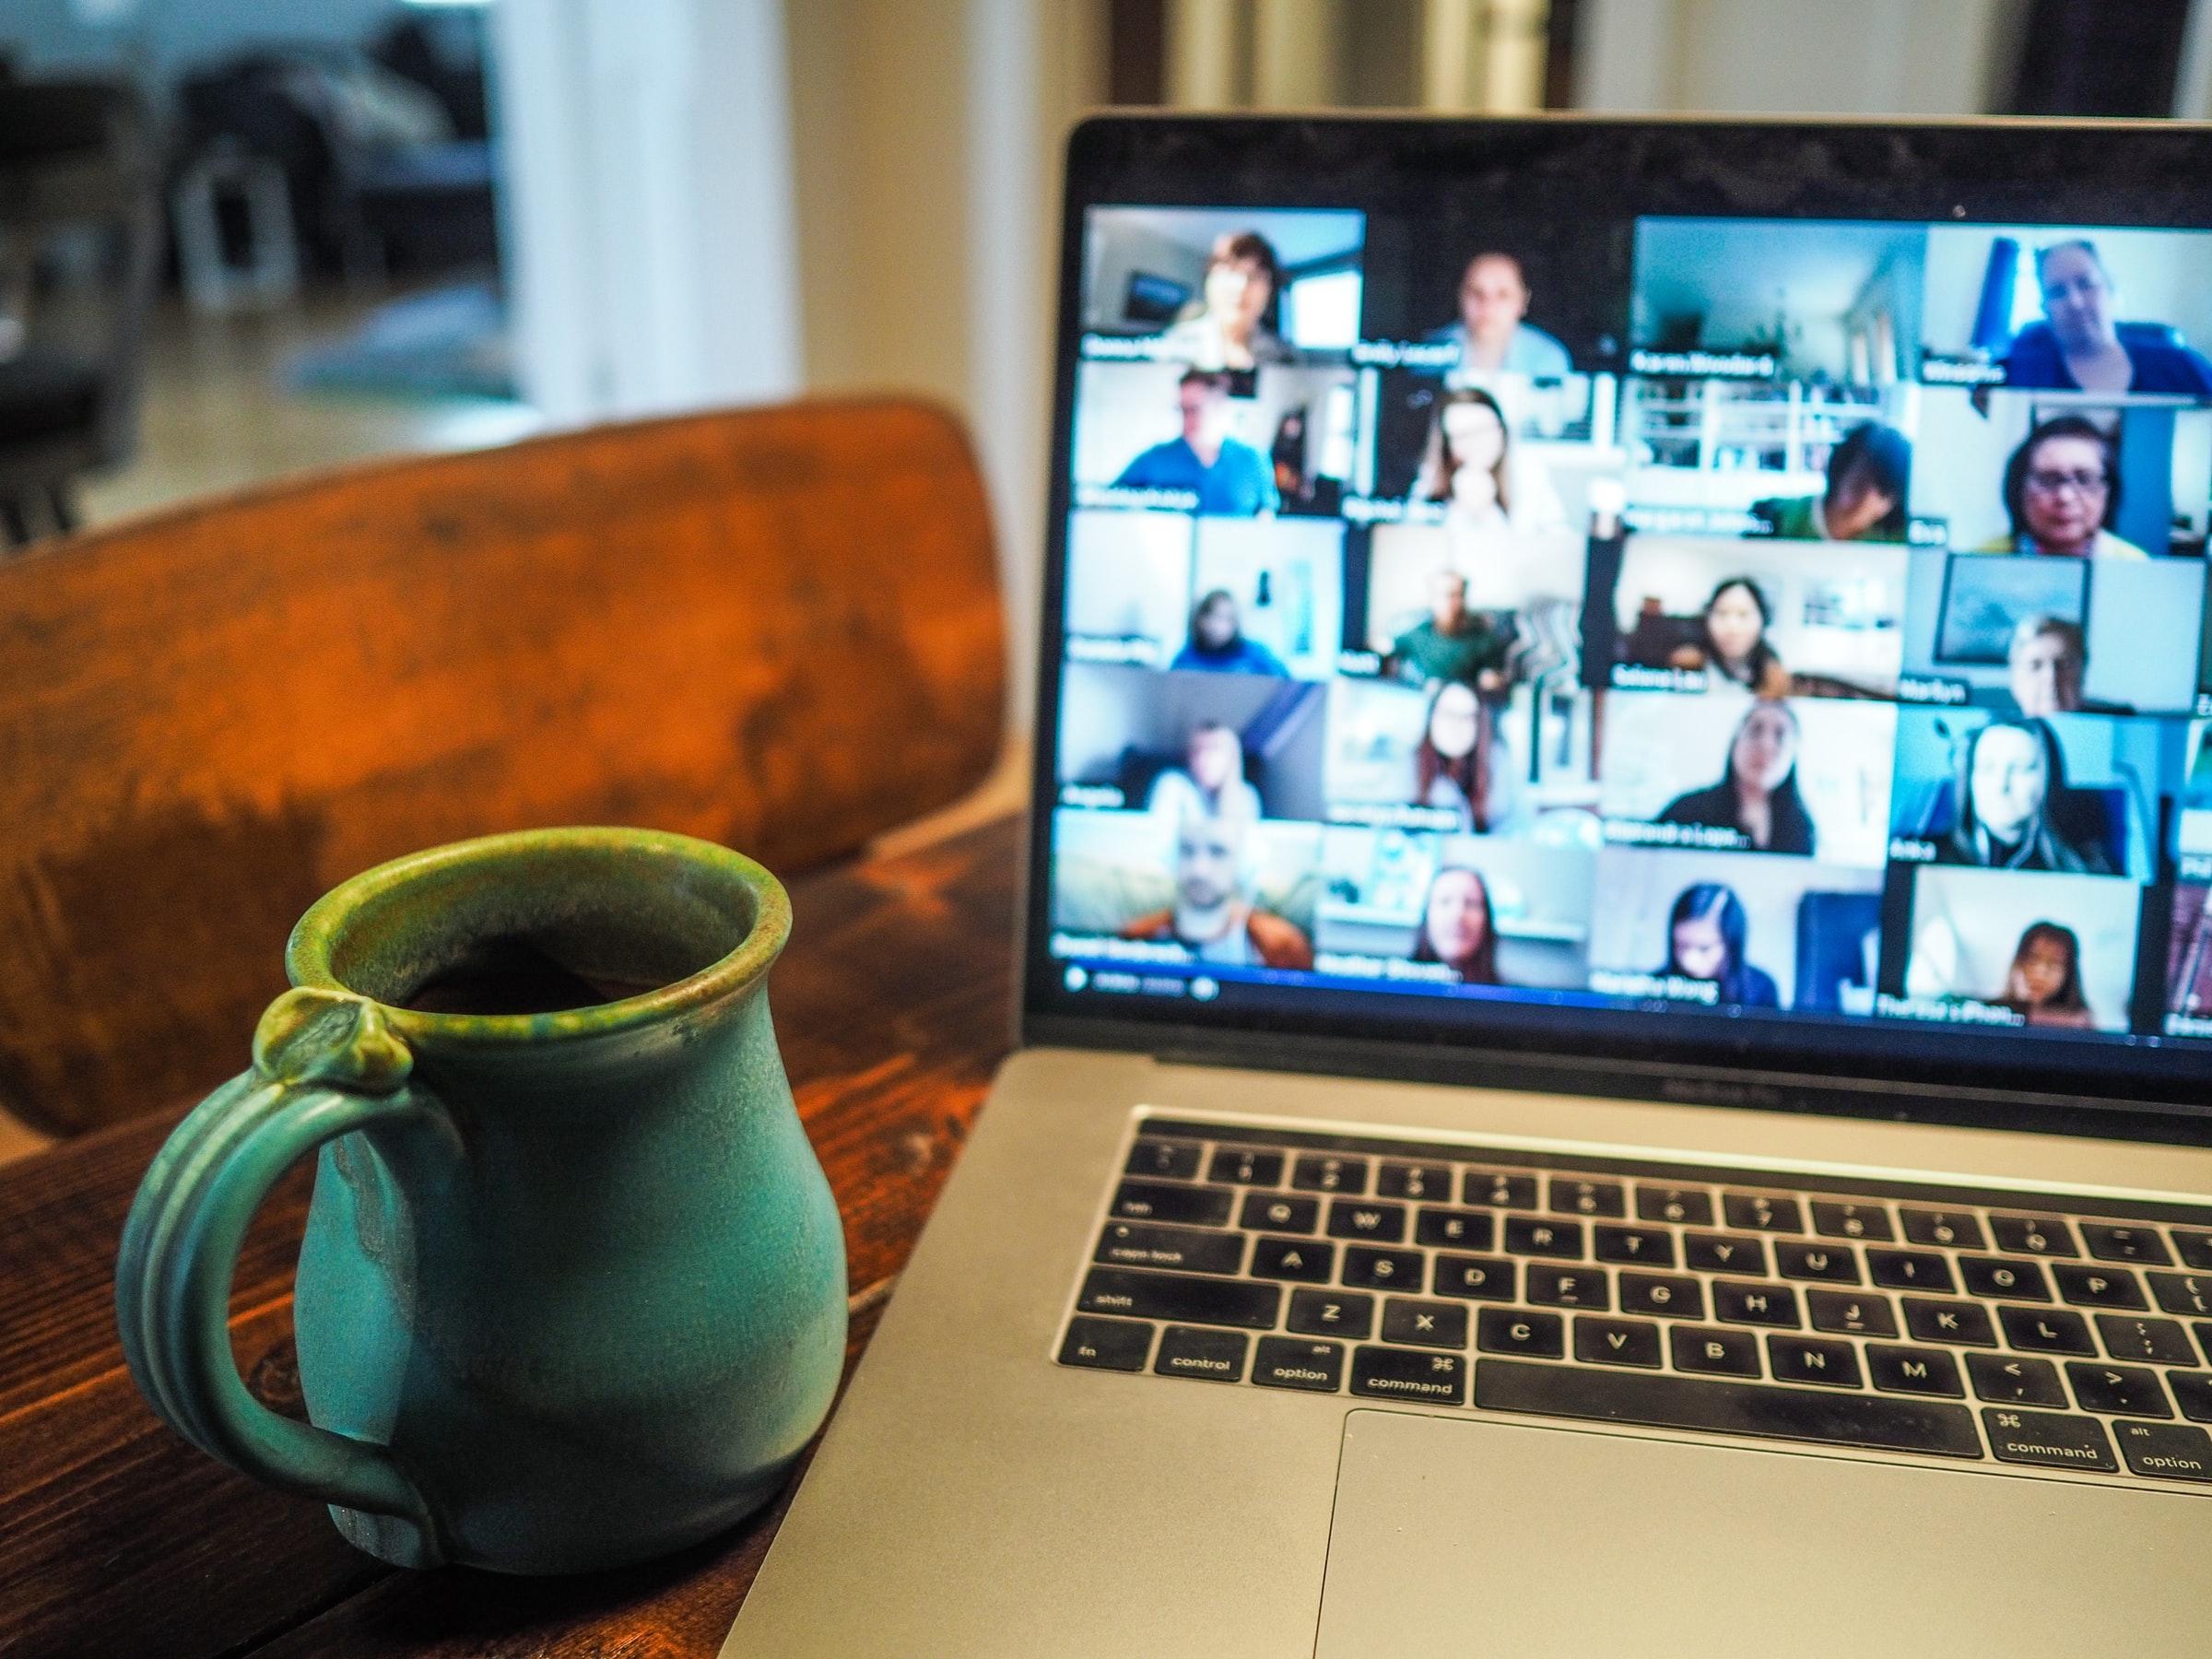 Remote company culture